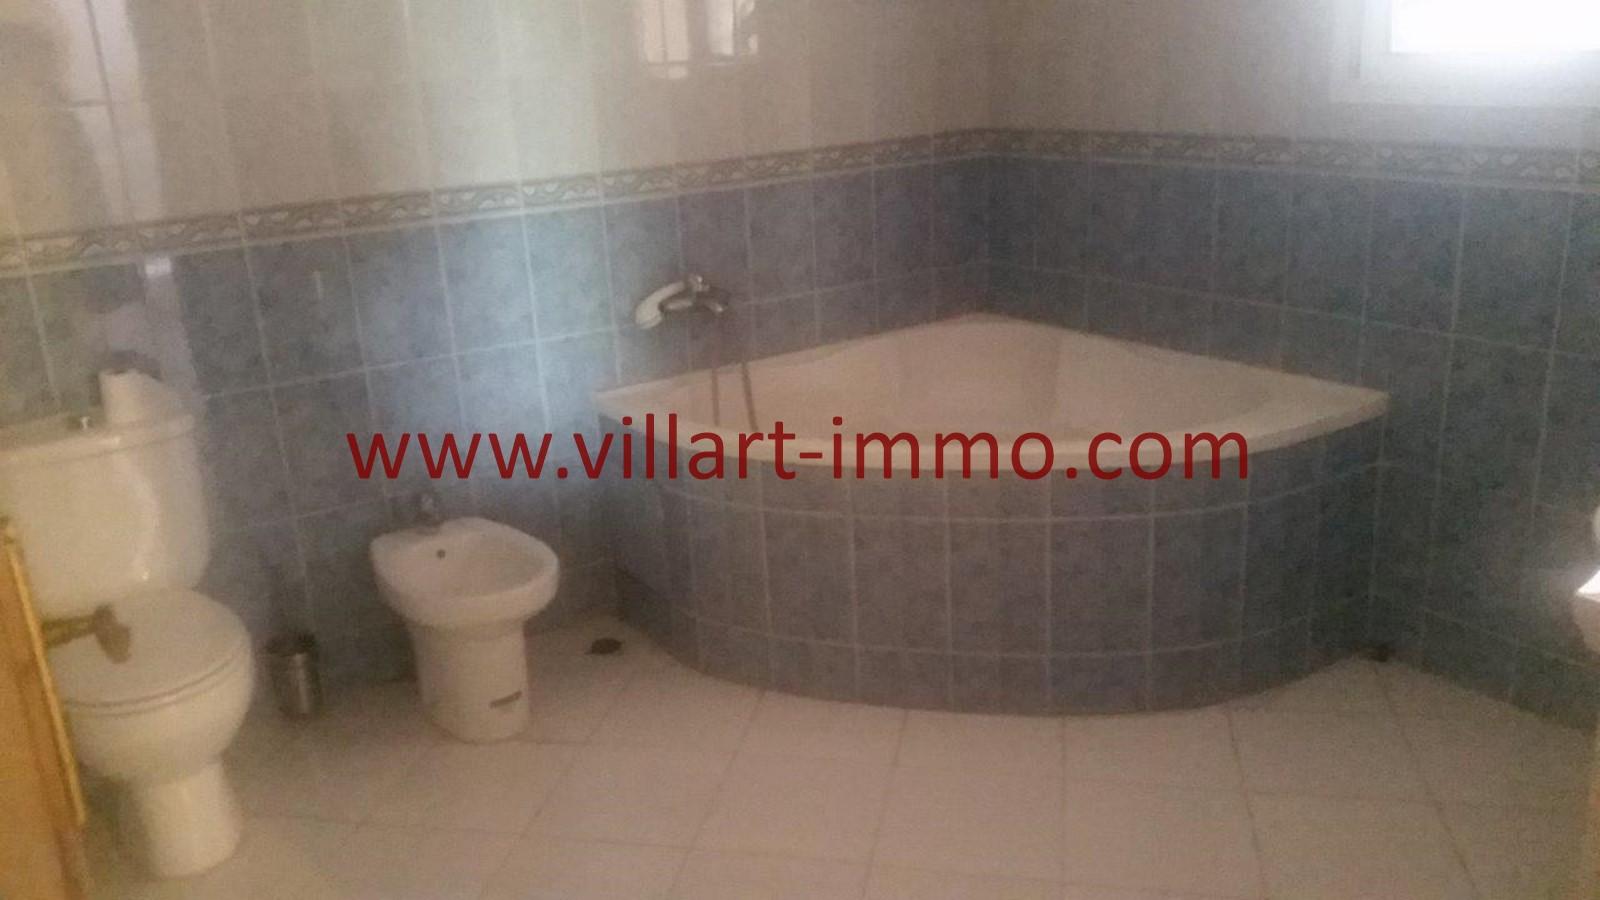 14-a-louer-villa-non-meuble-tanger-salle-de-bain-2-lv967-villart-immo